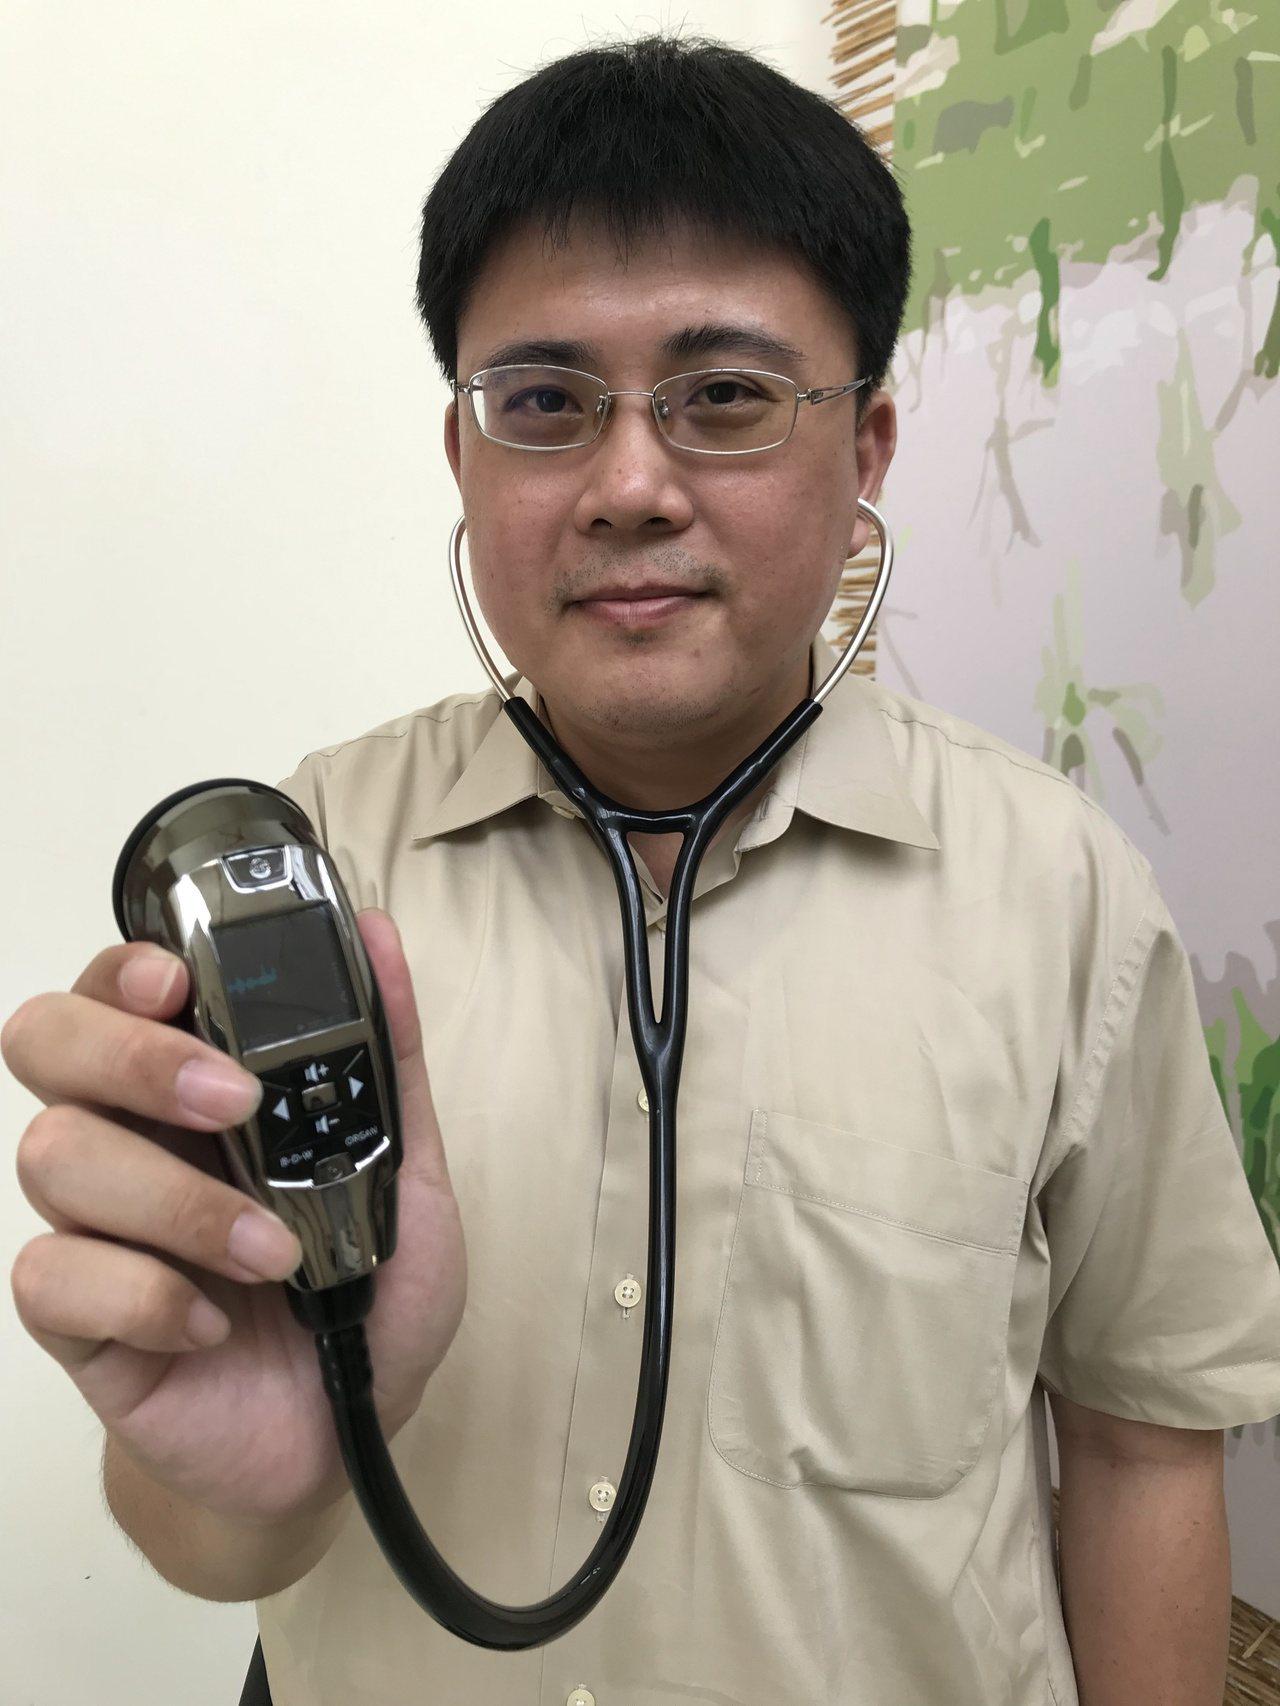 創心醫電醫療長鄭垂軒展示電子聼診器。記者李珣瑛/攝影